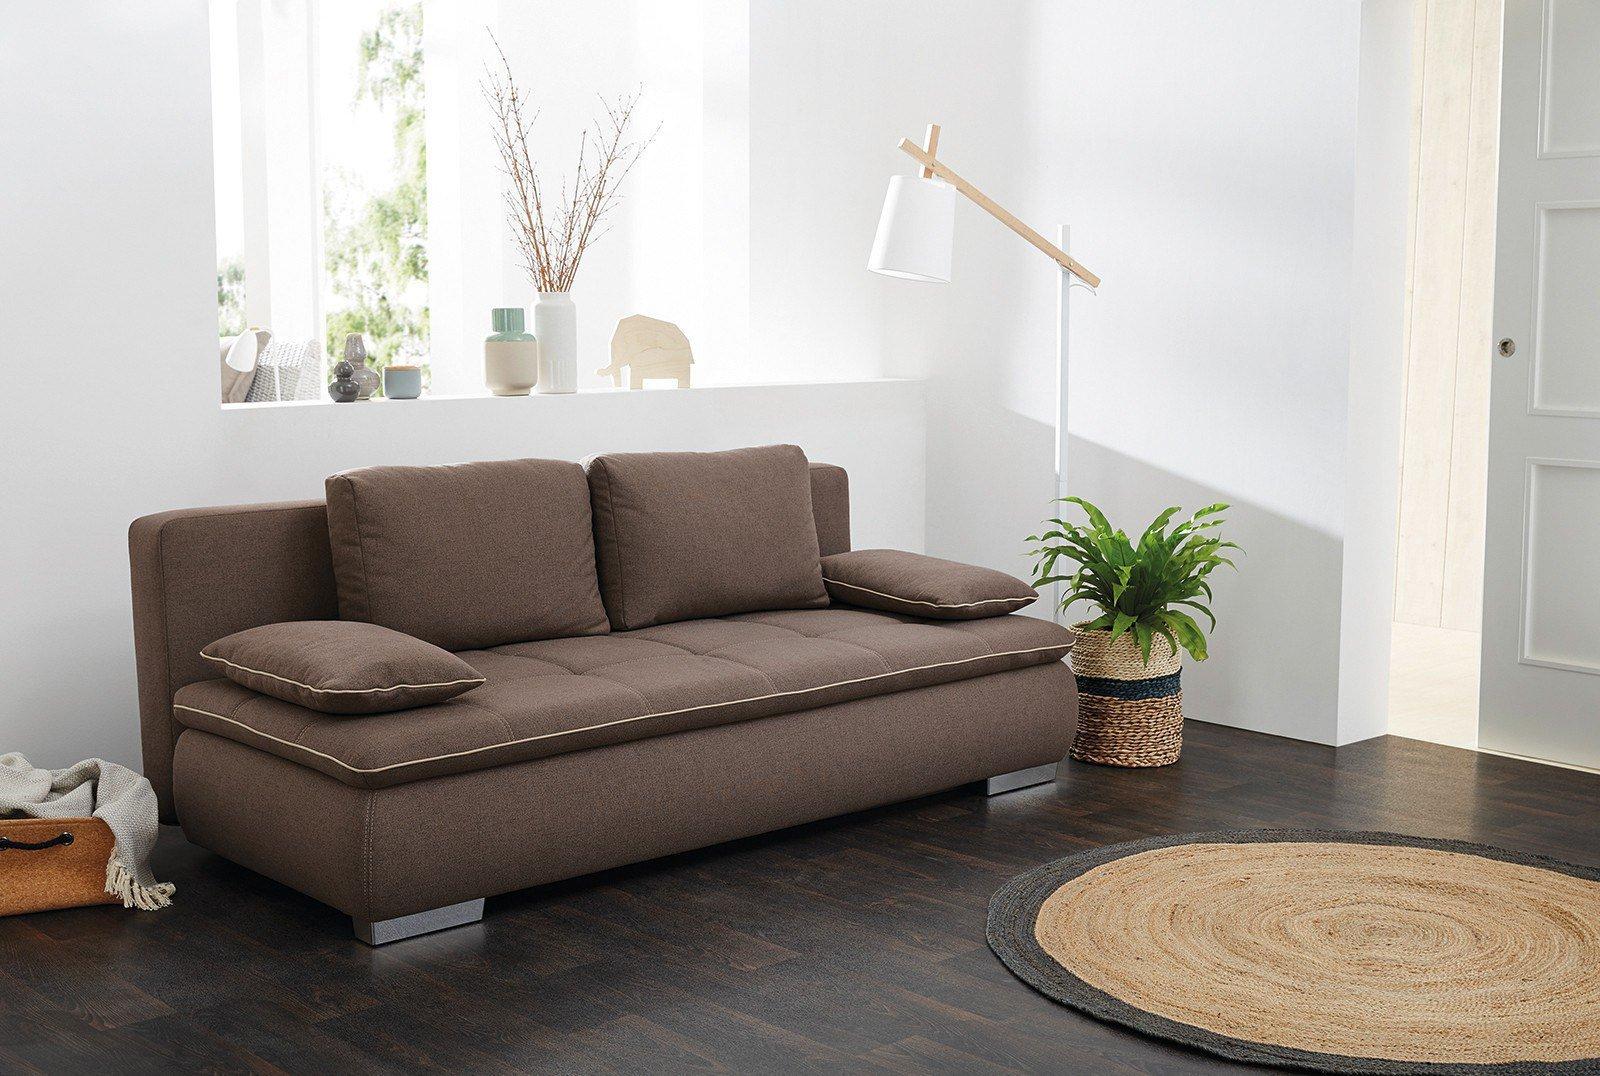 jockenh fer sofa cody cleo in braun mit bettkasten m bel letz ihr online shop. Black Bedroom Furniture Sets. Home Design Ideas